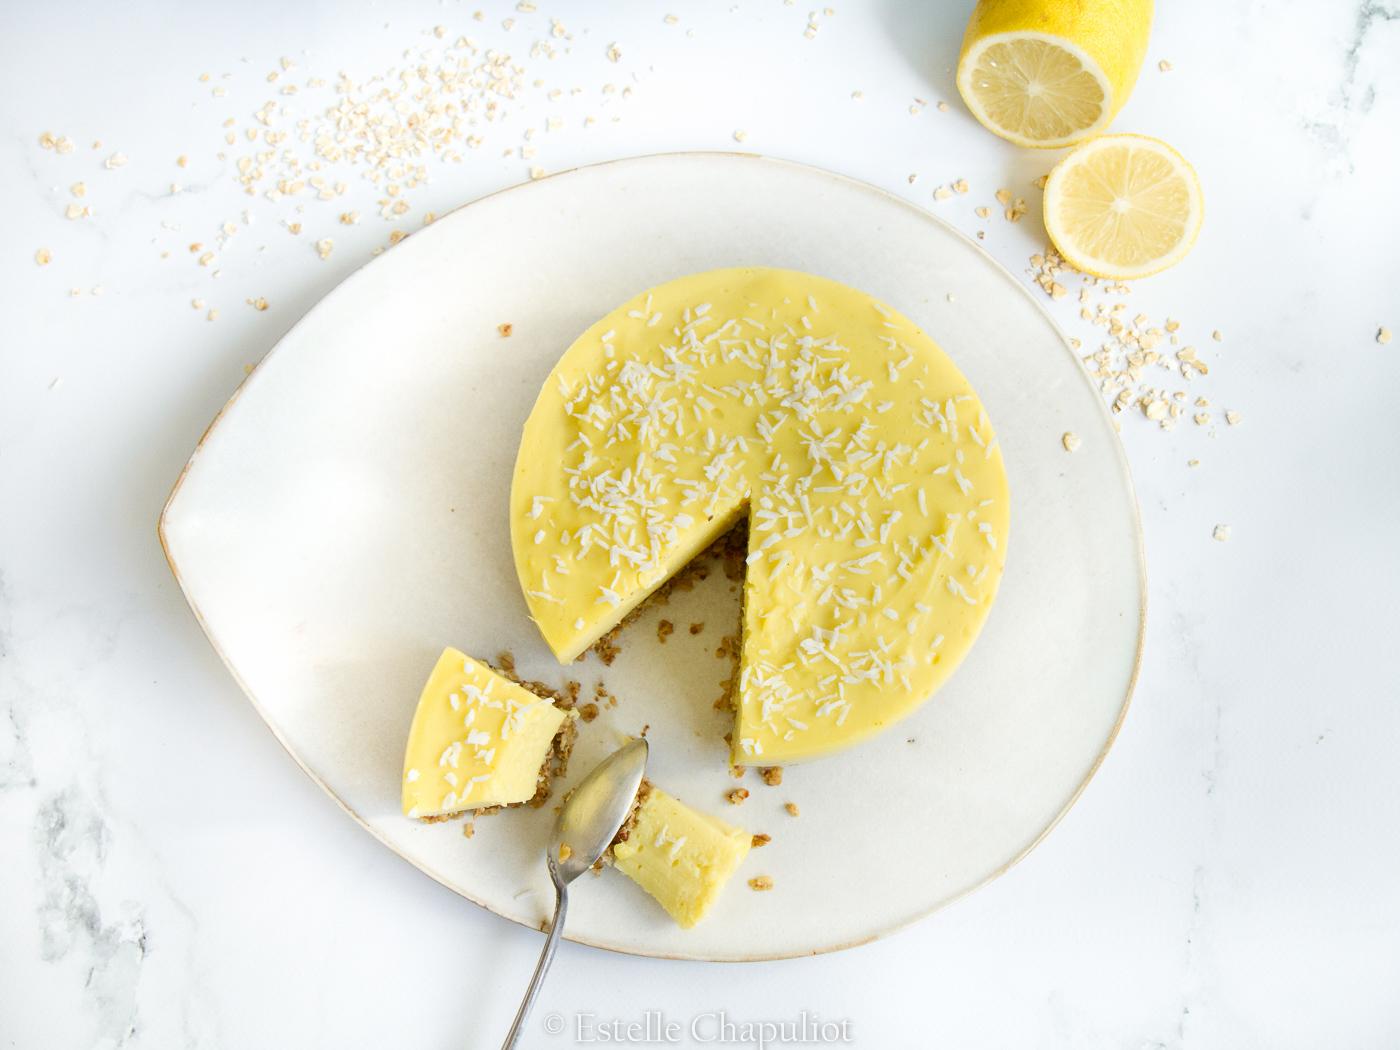 Entremet au citron végétal : crème au citron et base aux flocons d'avoine